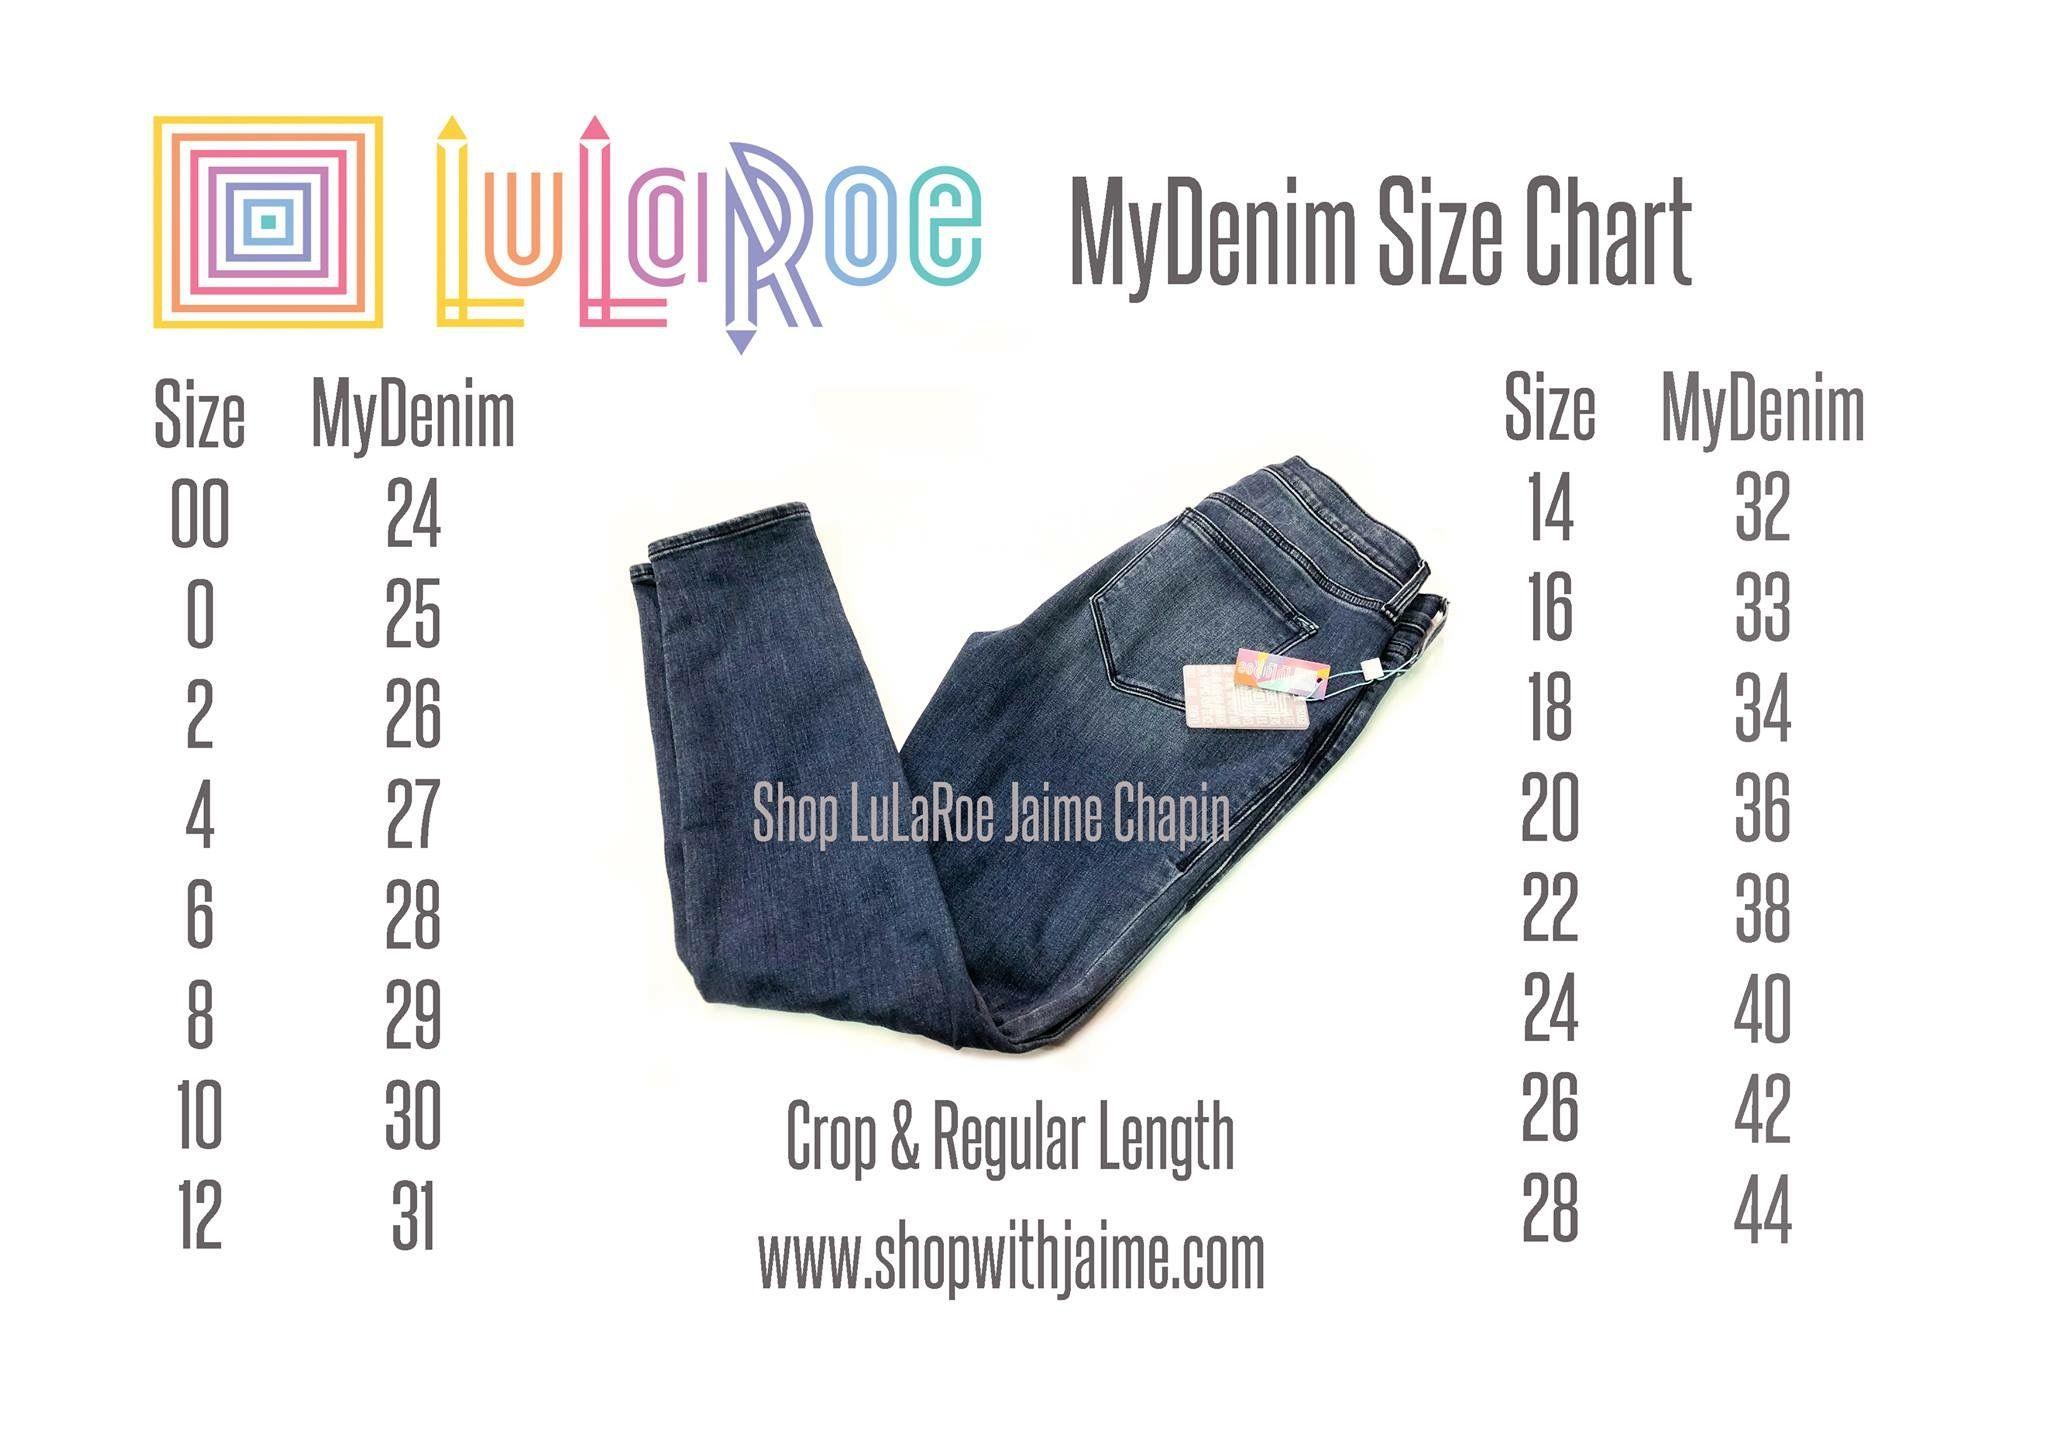 Lularoe Mydenim Size Chart Lularoe Size Chart Lularoe Jeans Lularoe